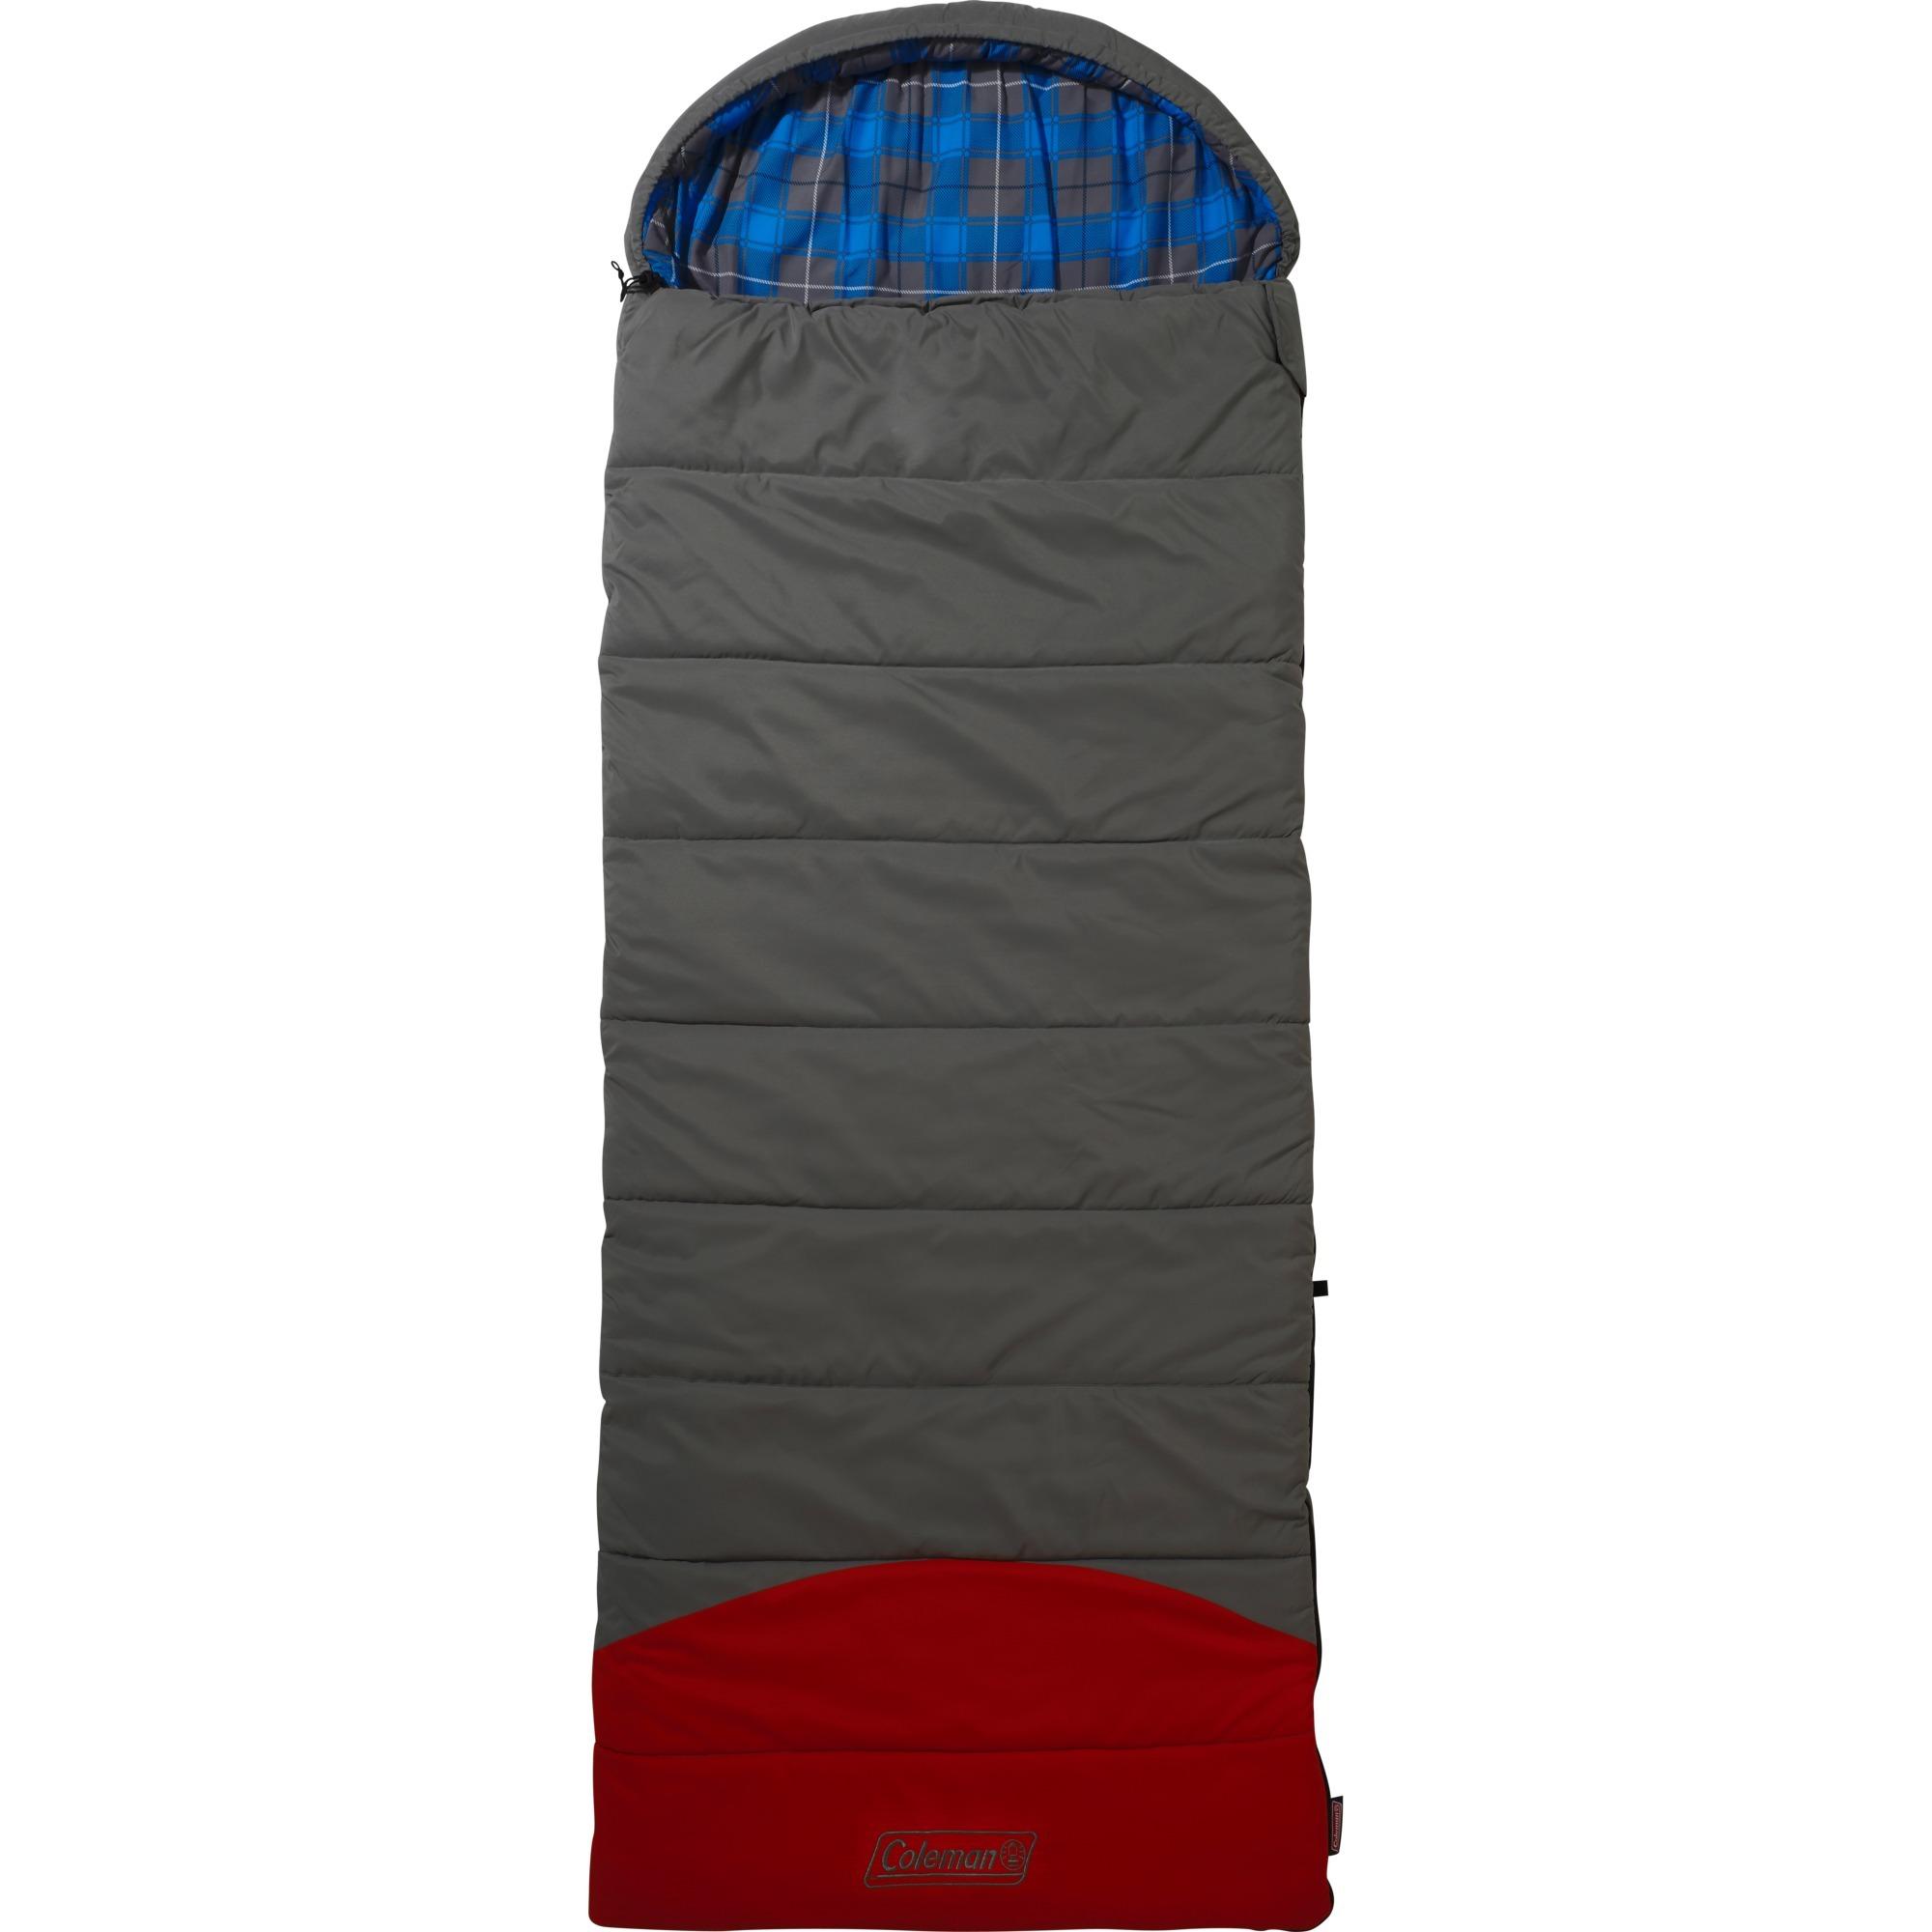 2000030216 saco de dormir Rectangular sleeping bag Poliéster Gris, Rojo Adulto